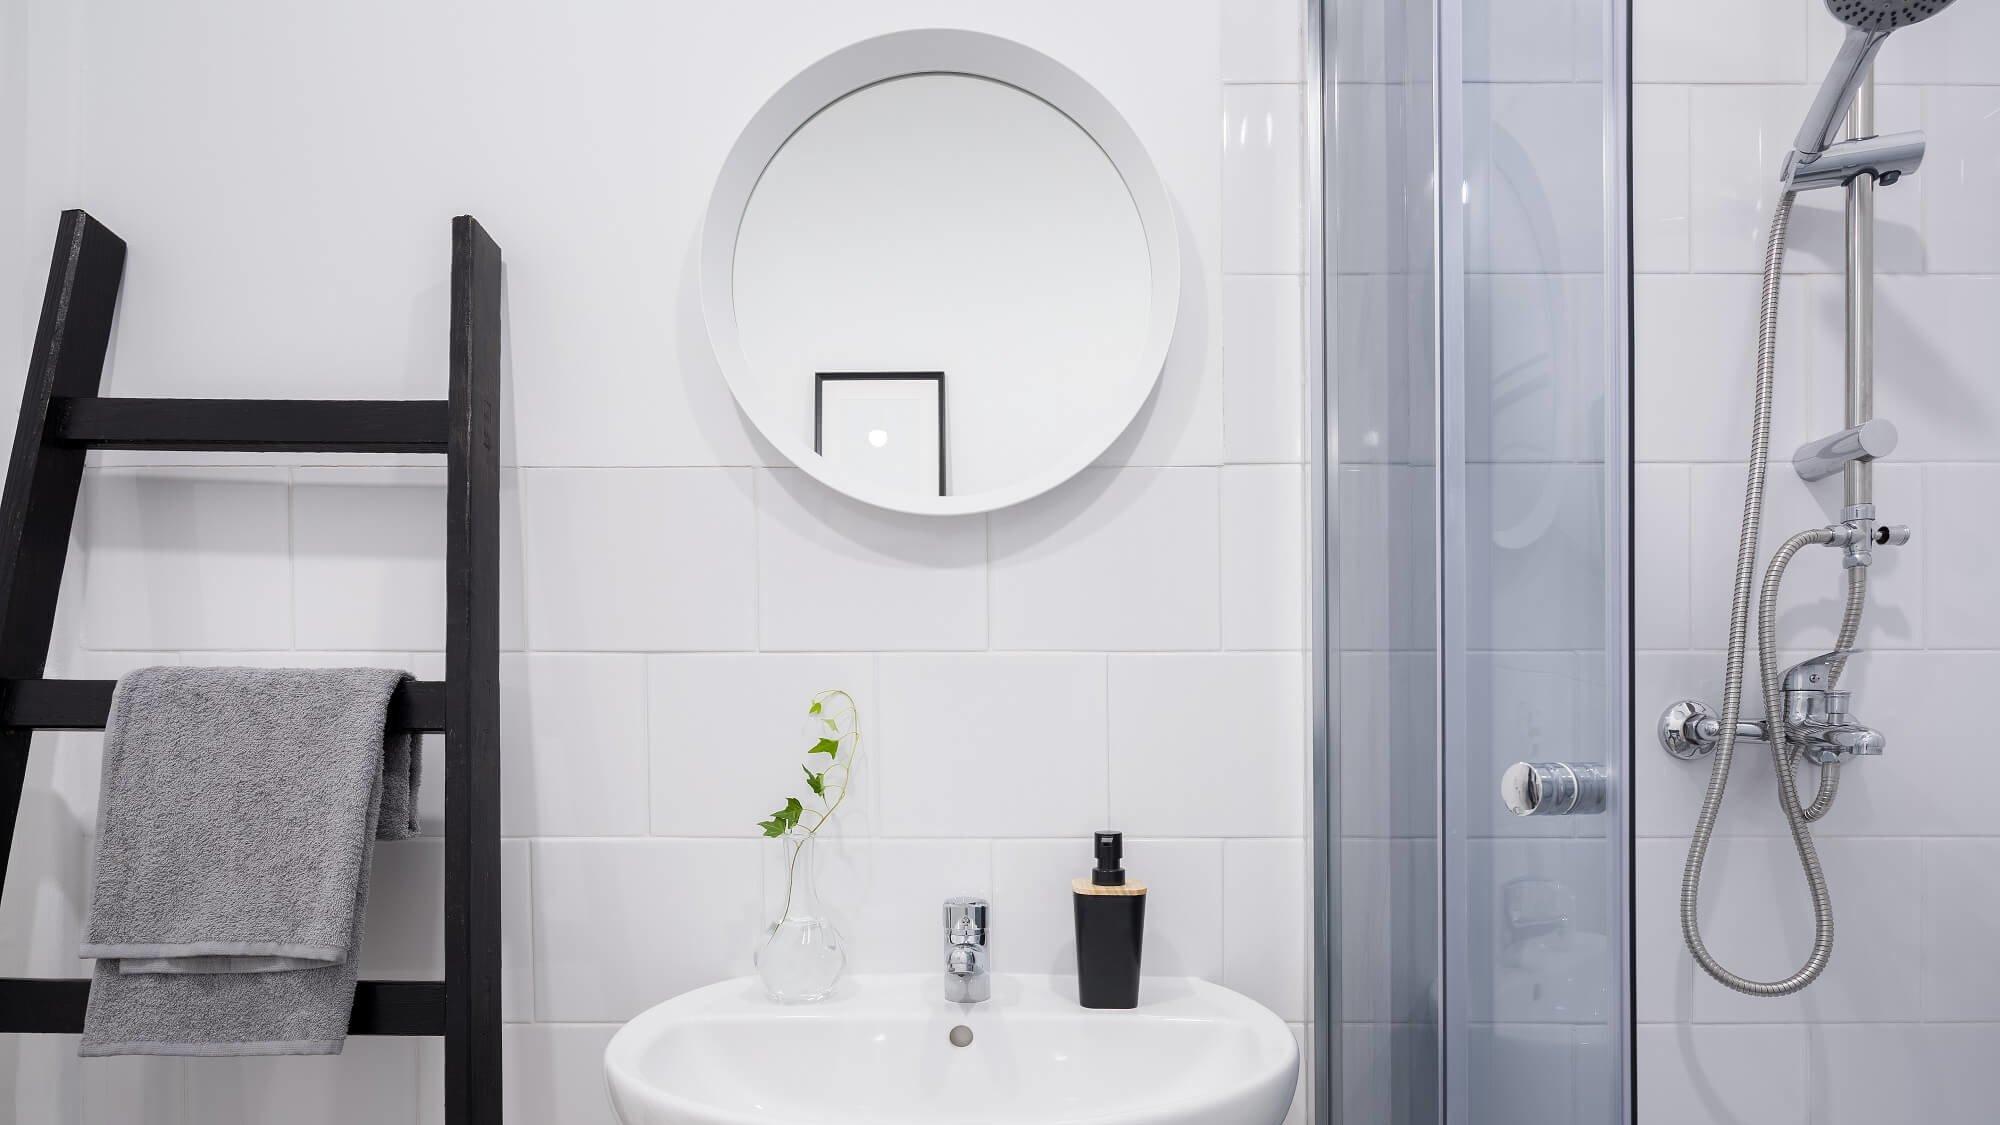 Selbst für ein kleines Bad ganz einfach eine Dusche planen